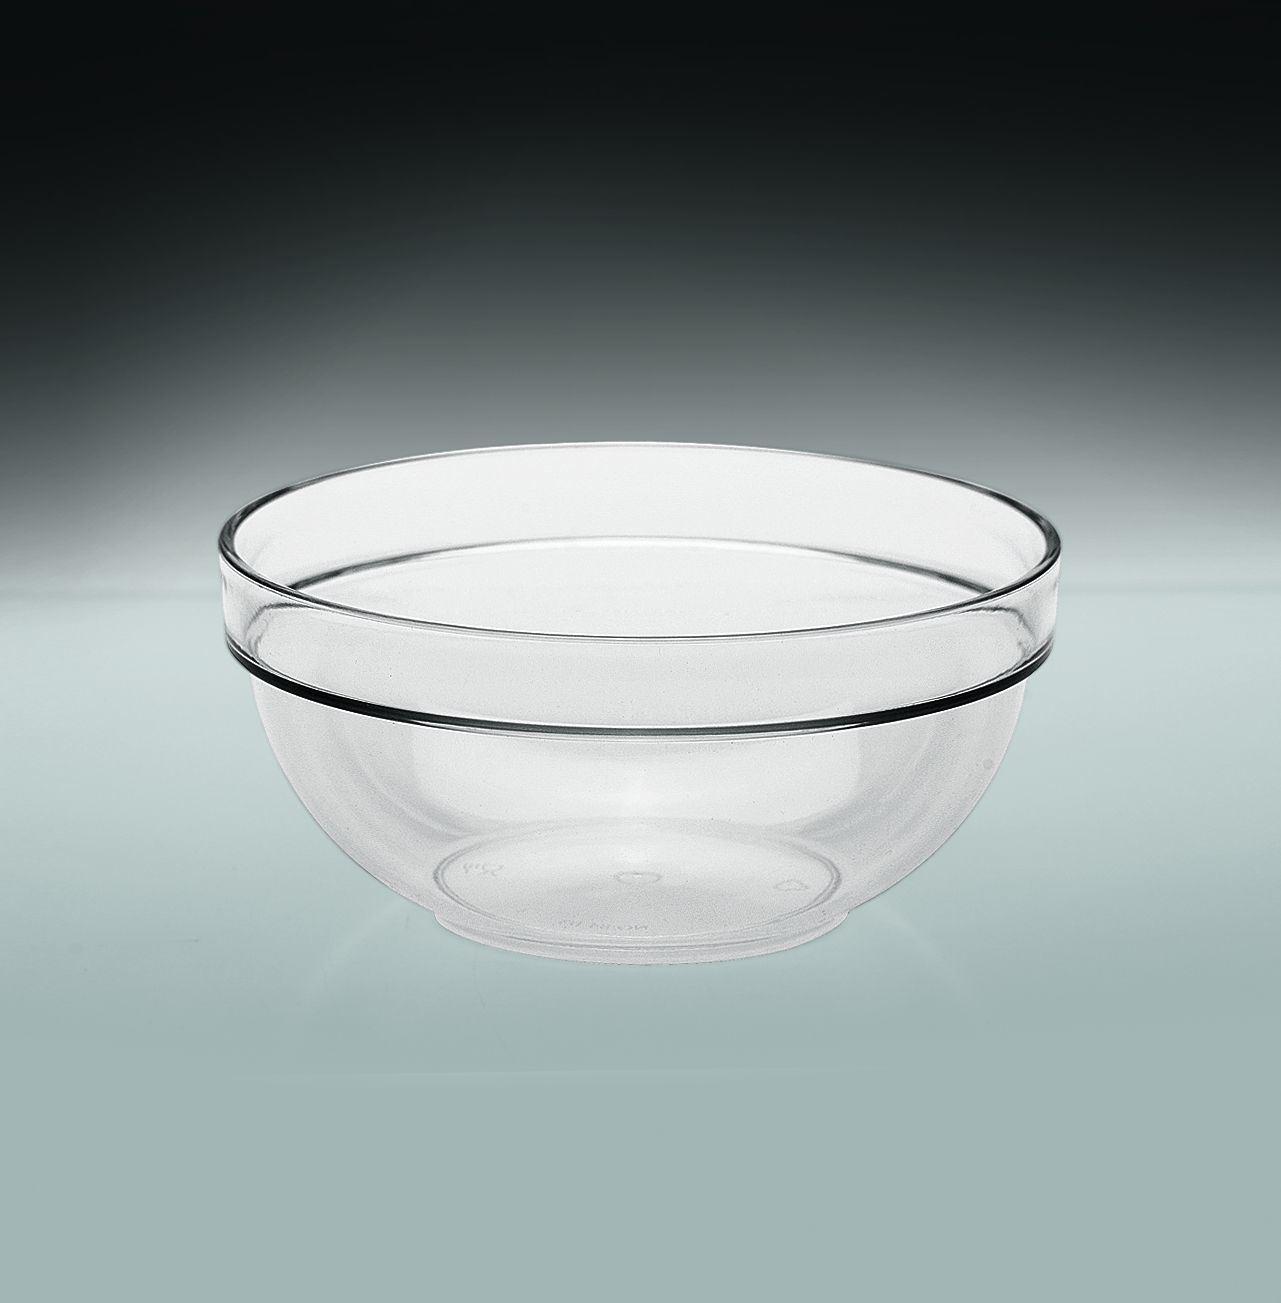 サラダボール(D170mm)の/Plastic円のボール(8403)